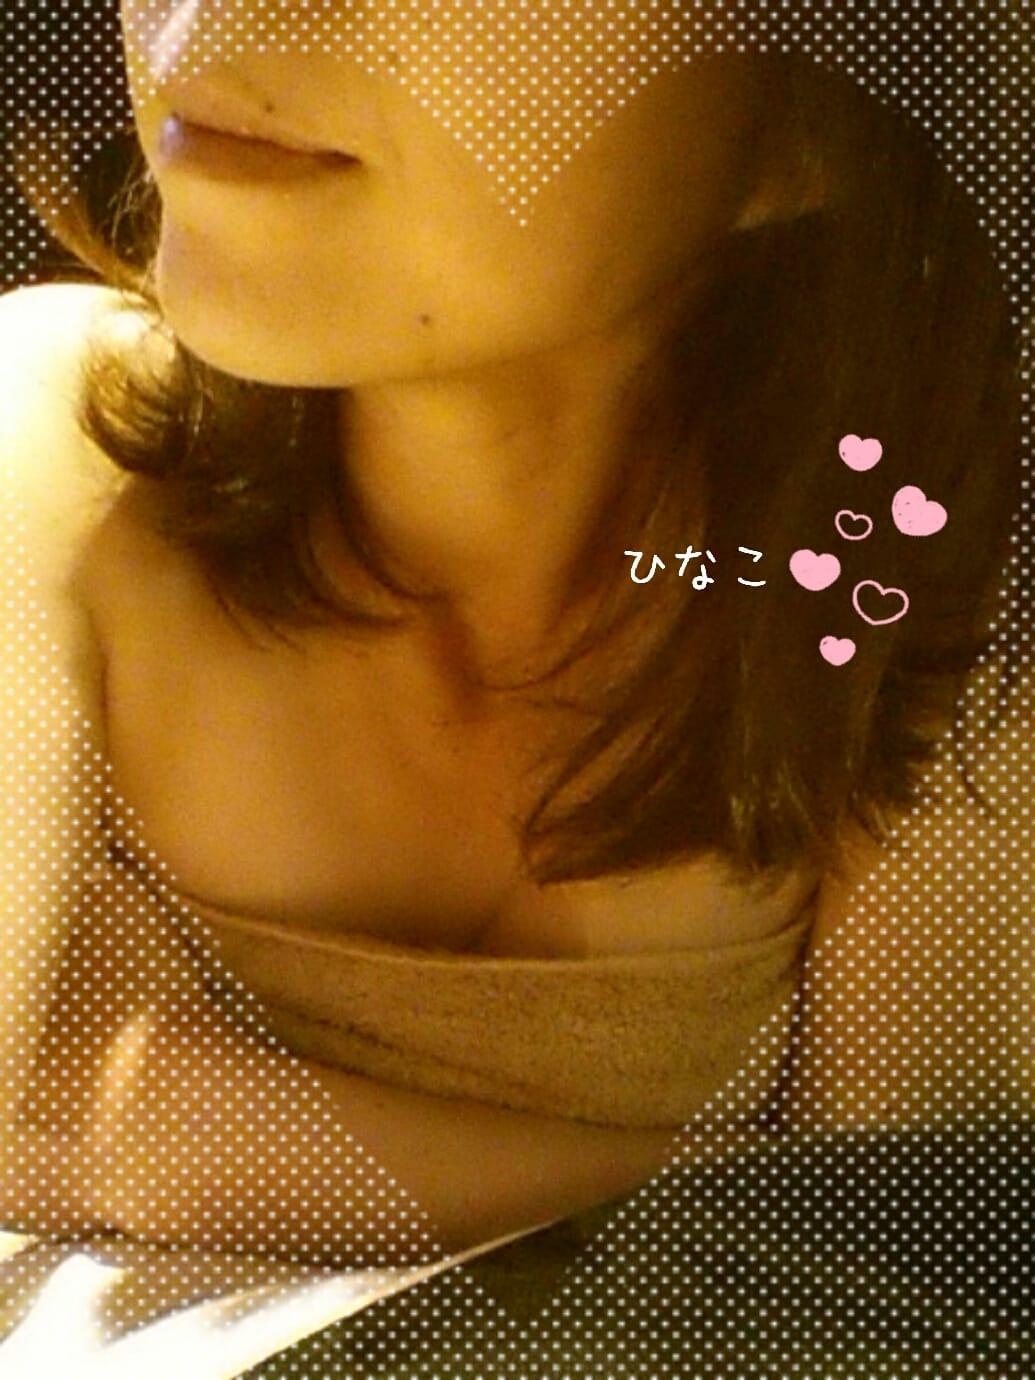 「ひなこです♪」05/20(05/20) 16:48 | ひなこの写メ・風俗動画